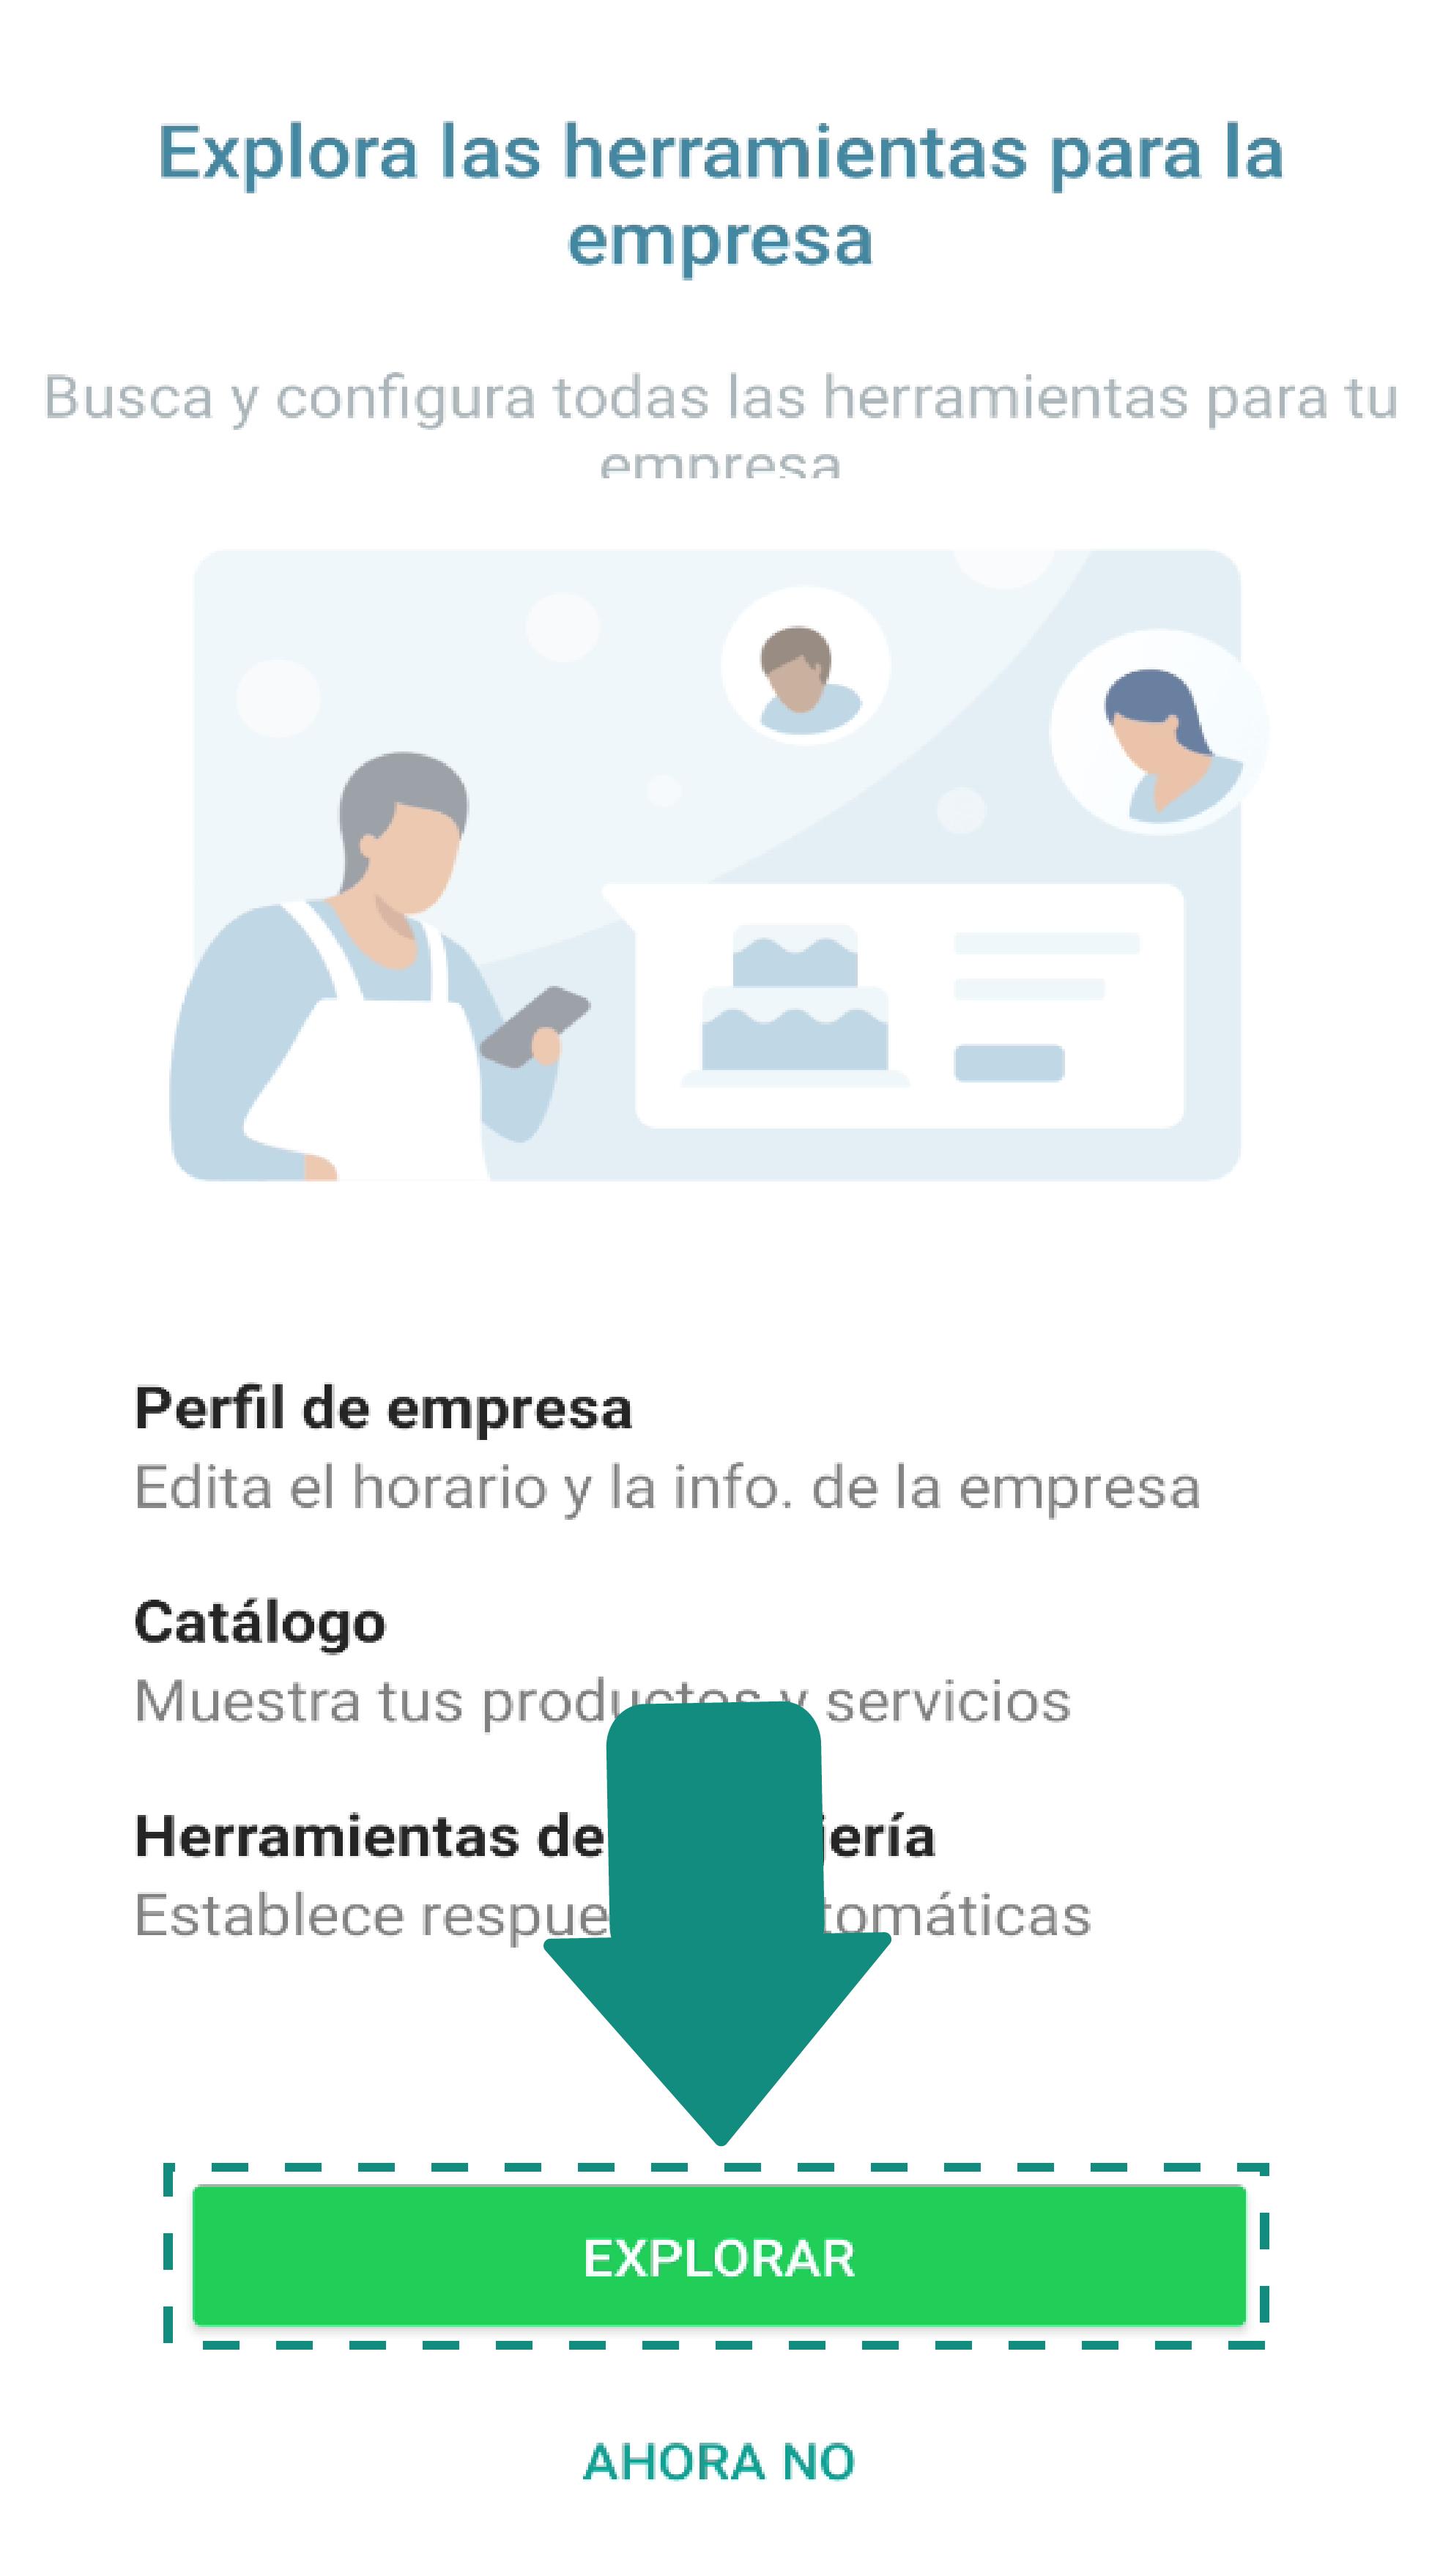 Para completar el perfil de tu negocio, selecciona el botón Explorar.